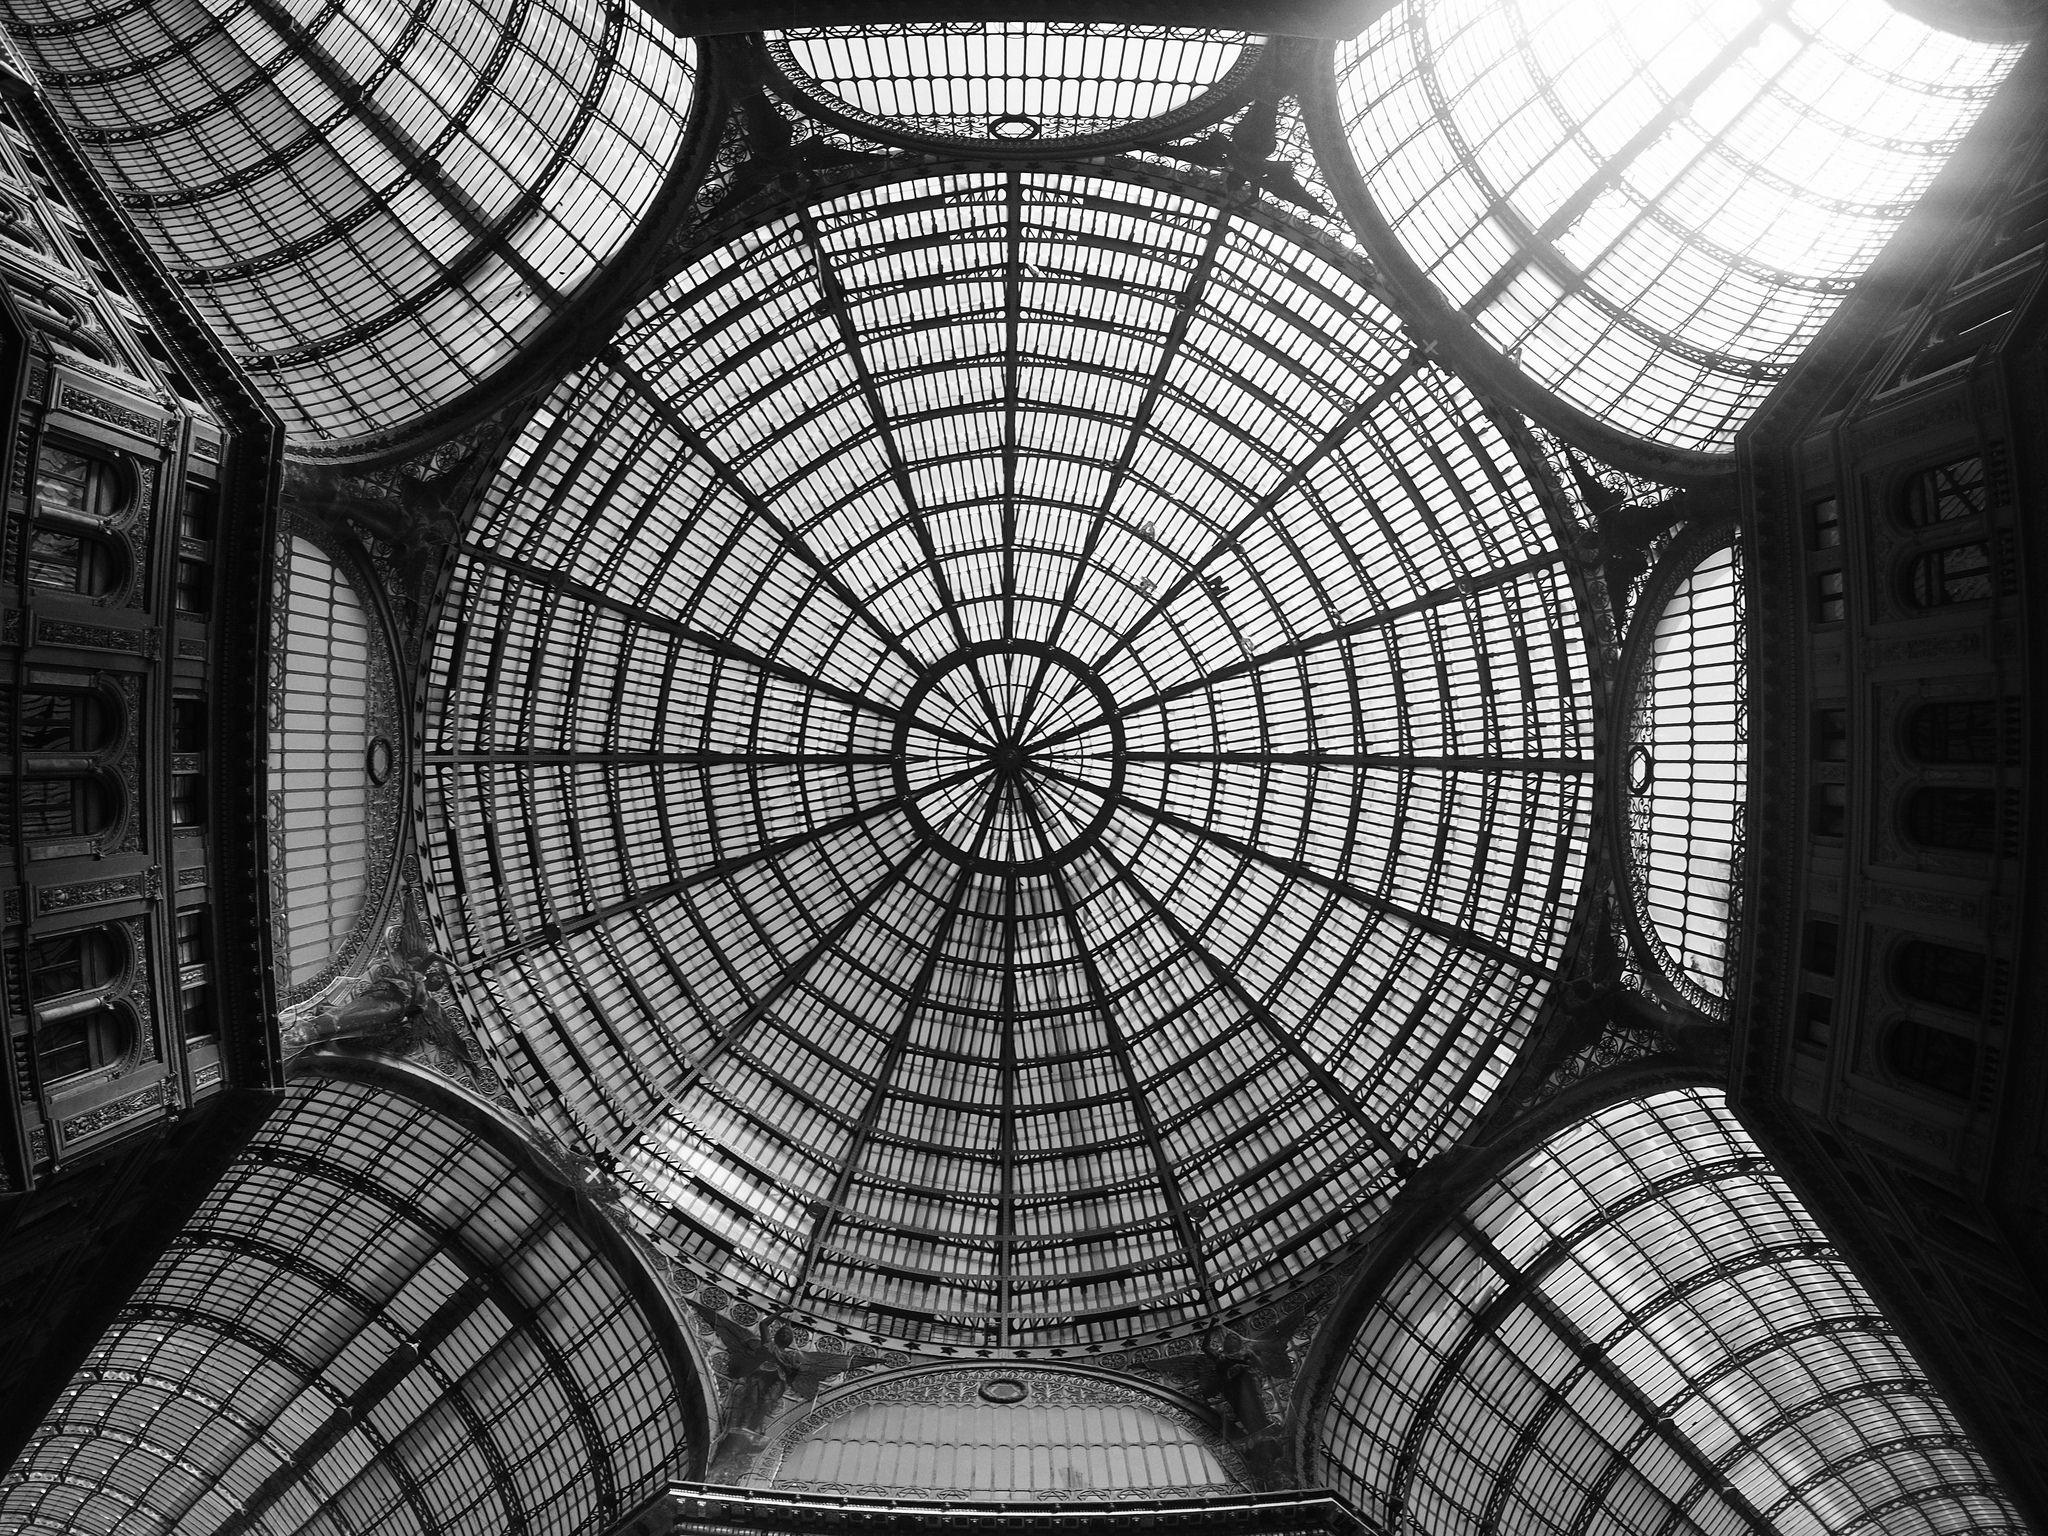 Galleria Umberto...